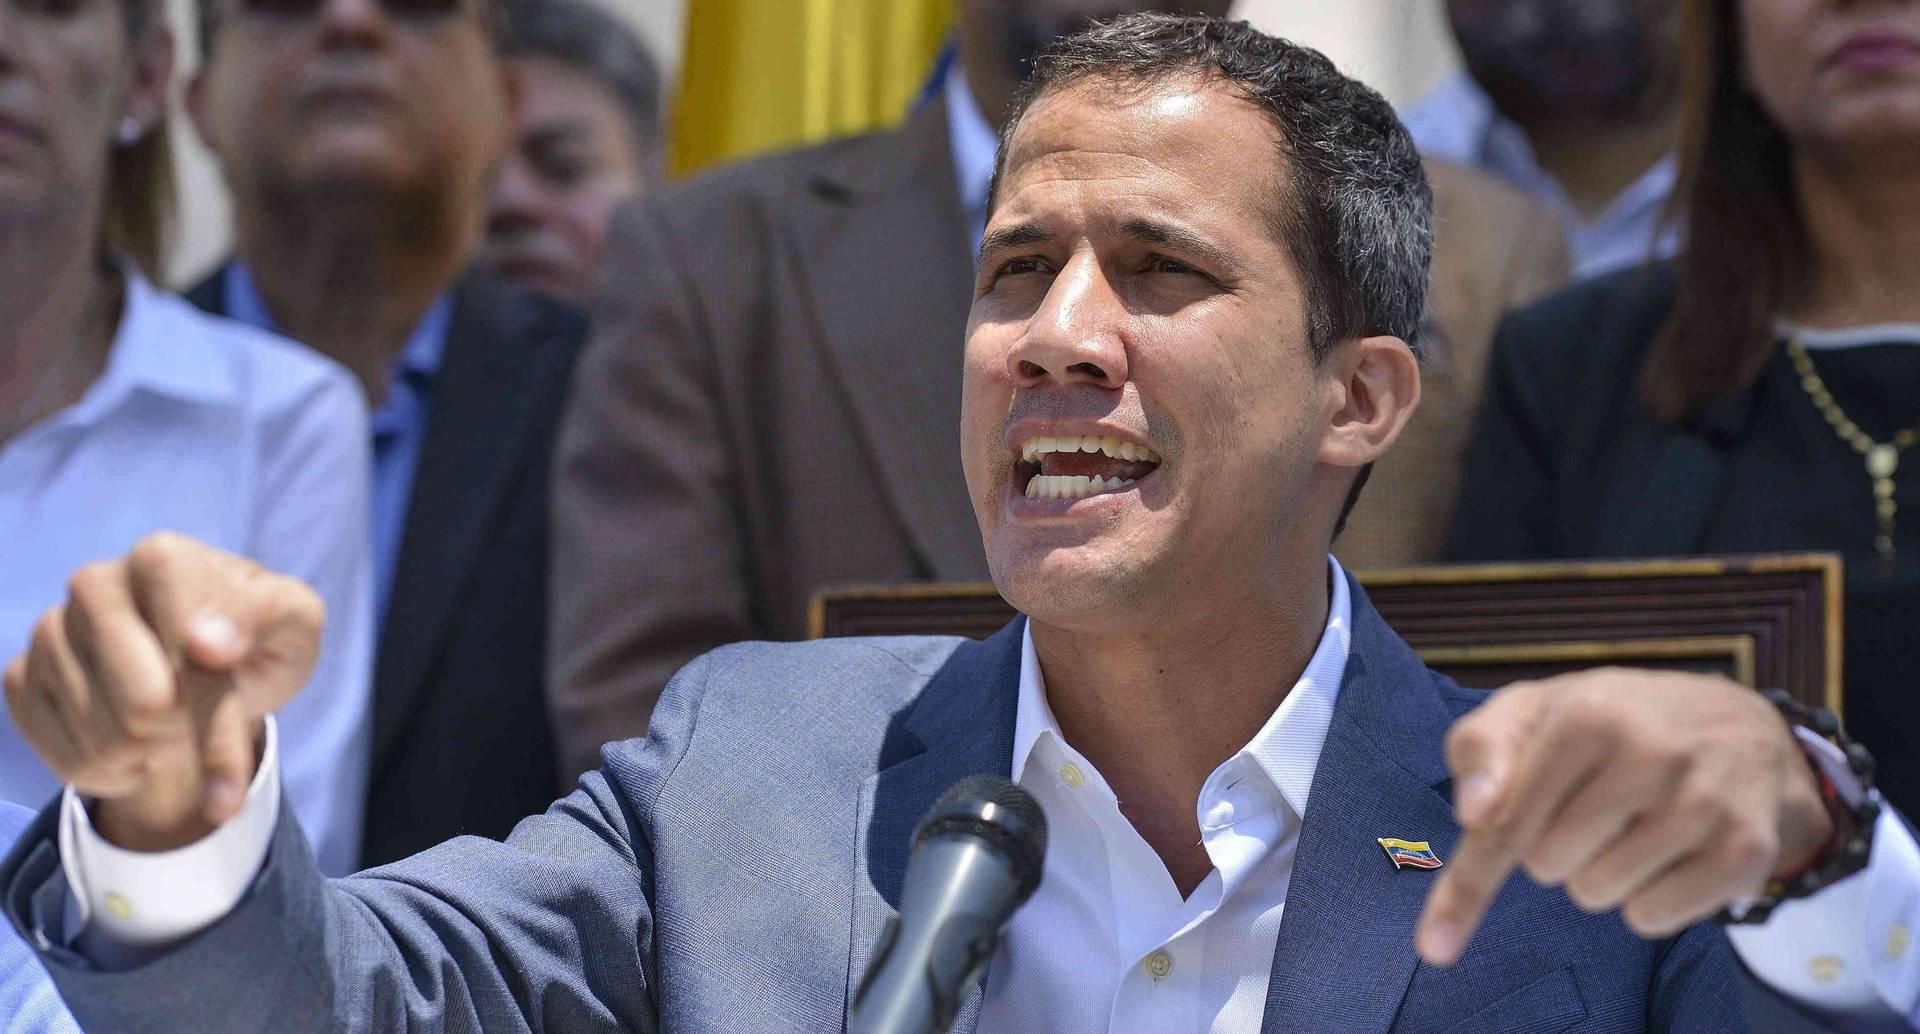 El líder opositor de Venezuela, Juan Guaidó, podría ser arrestado.